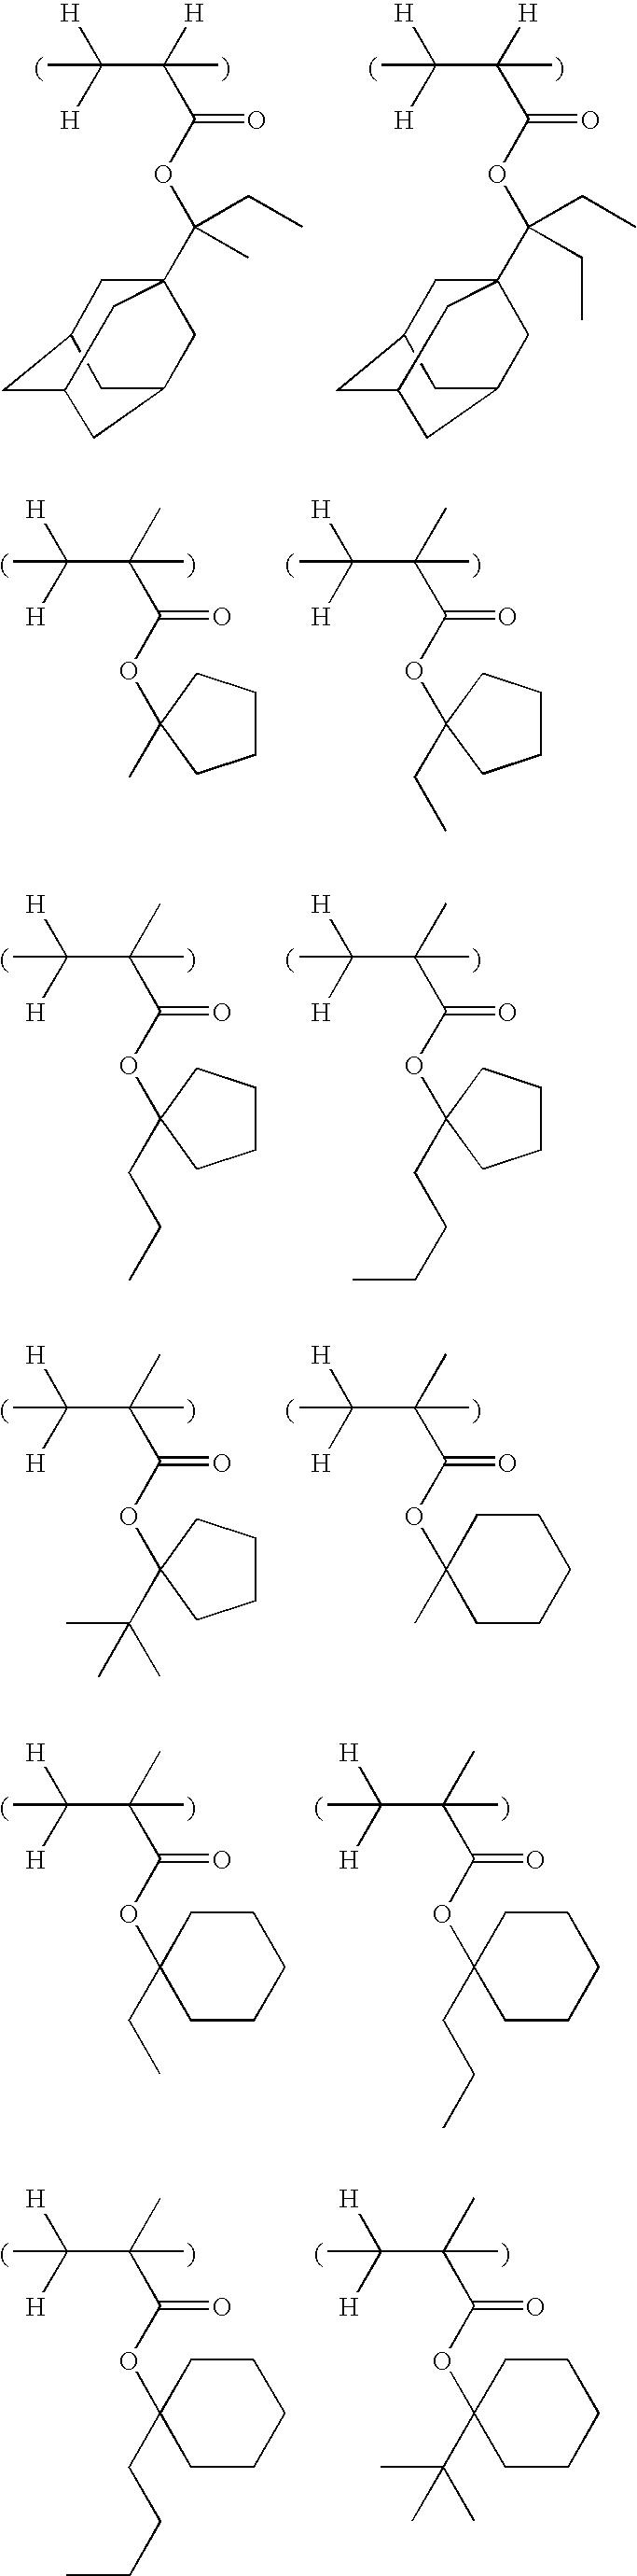 Figure US20080026331A1-20080131-C00042